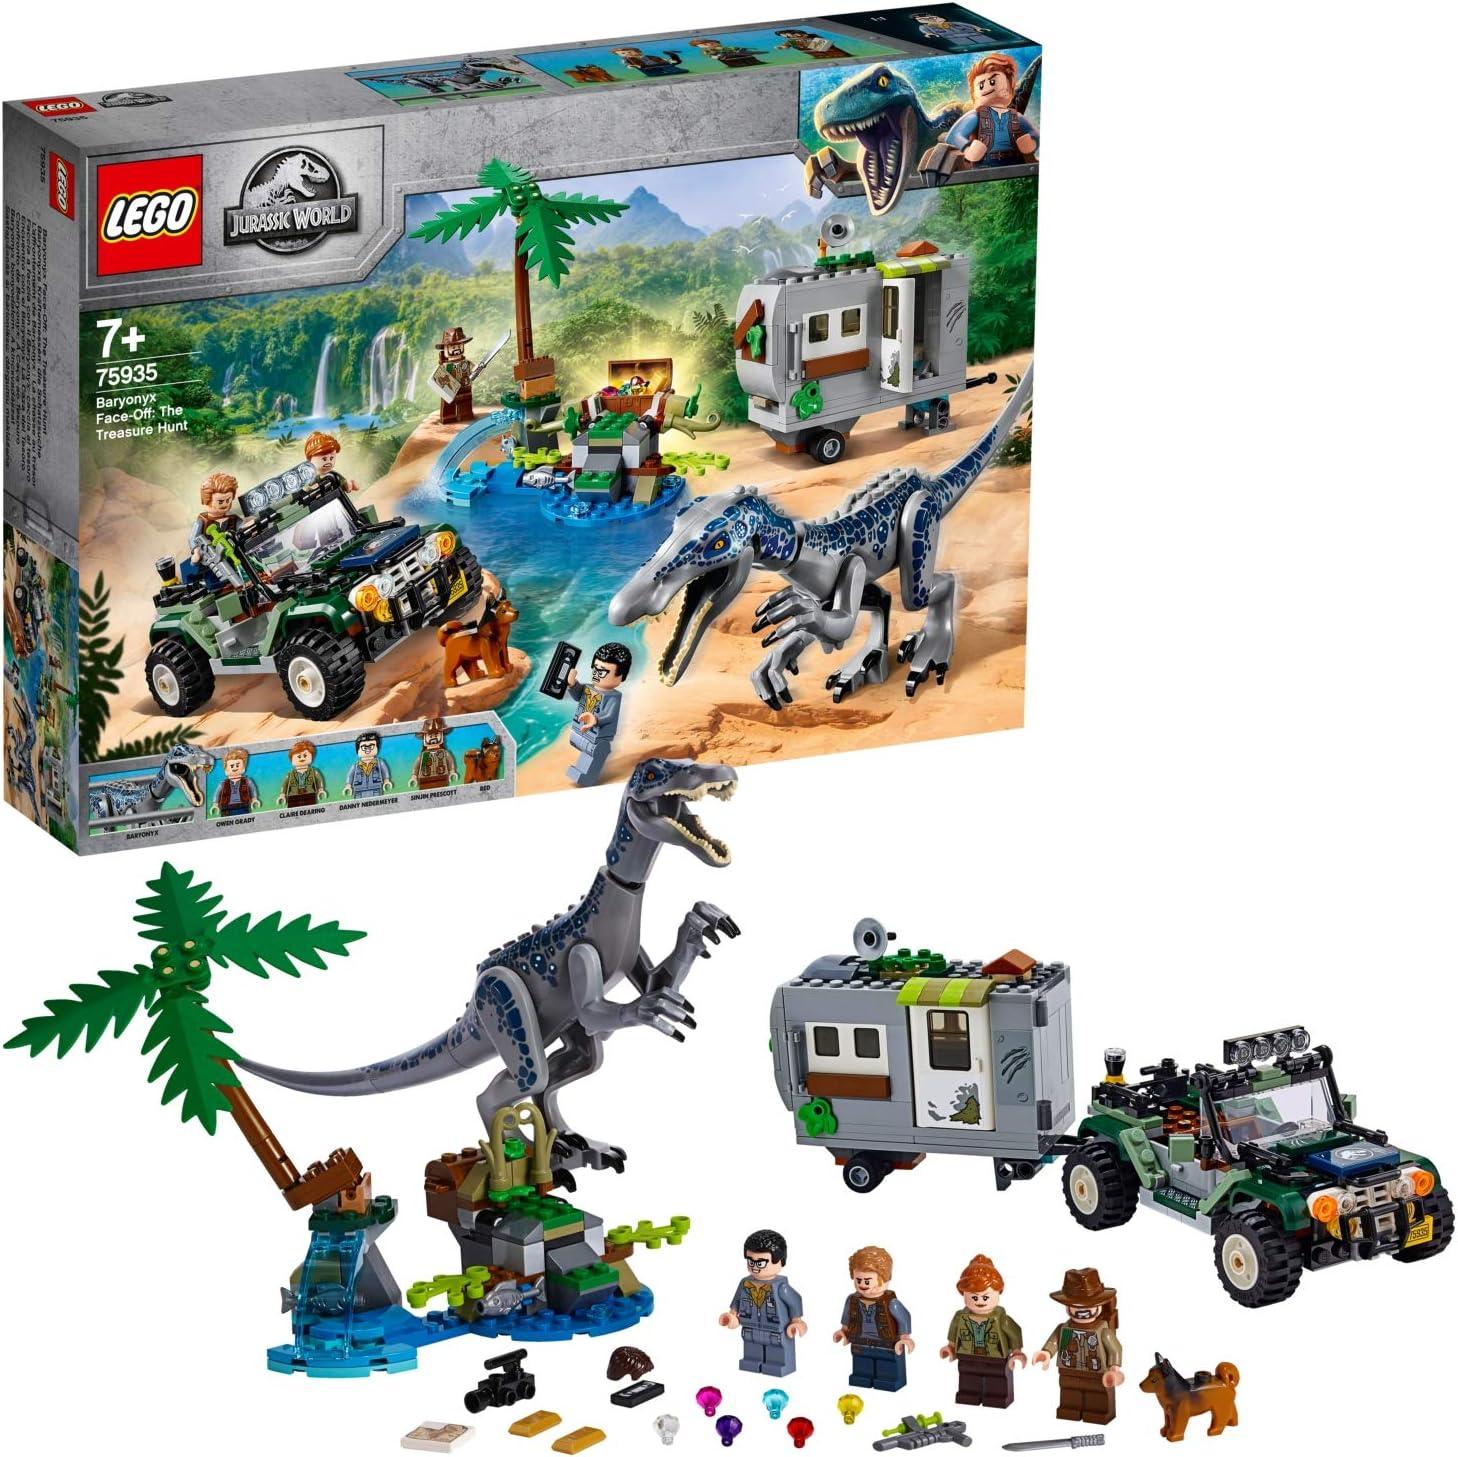 レゴ(LEGO)ジュラシック・ワールド バリオニクスの対決トレジャーハント 75935